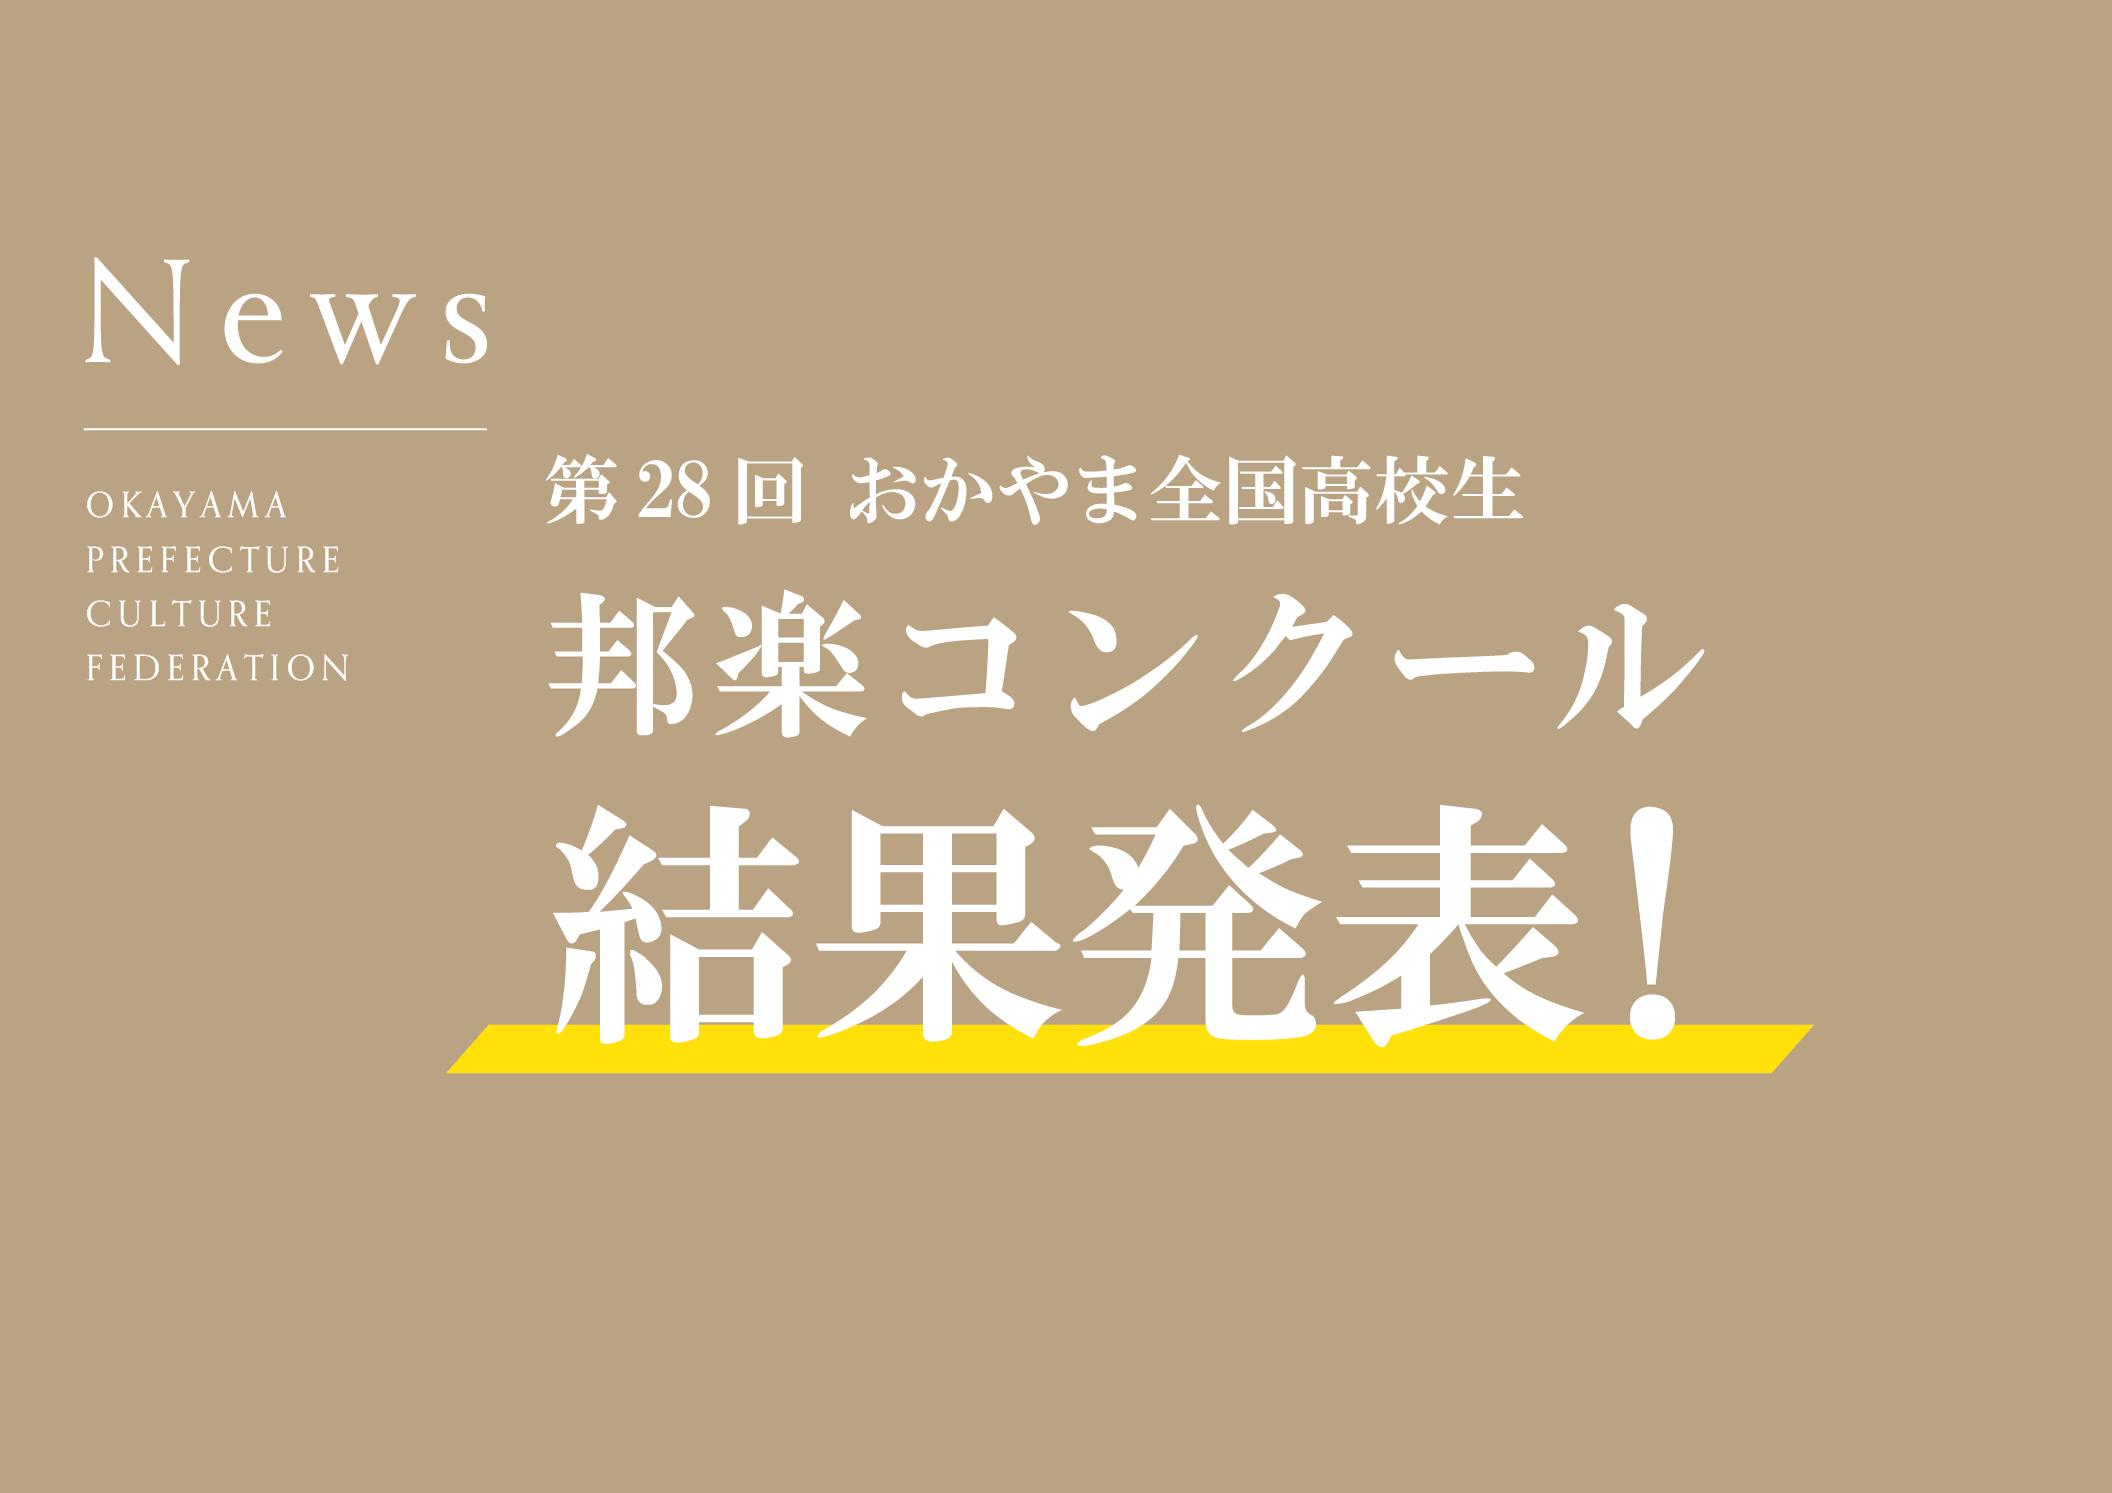 第28回おかやま全国高校生邦楽コンクール結果発表!